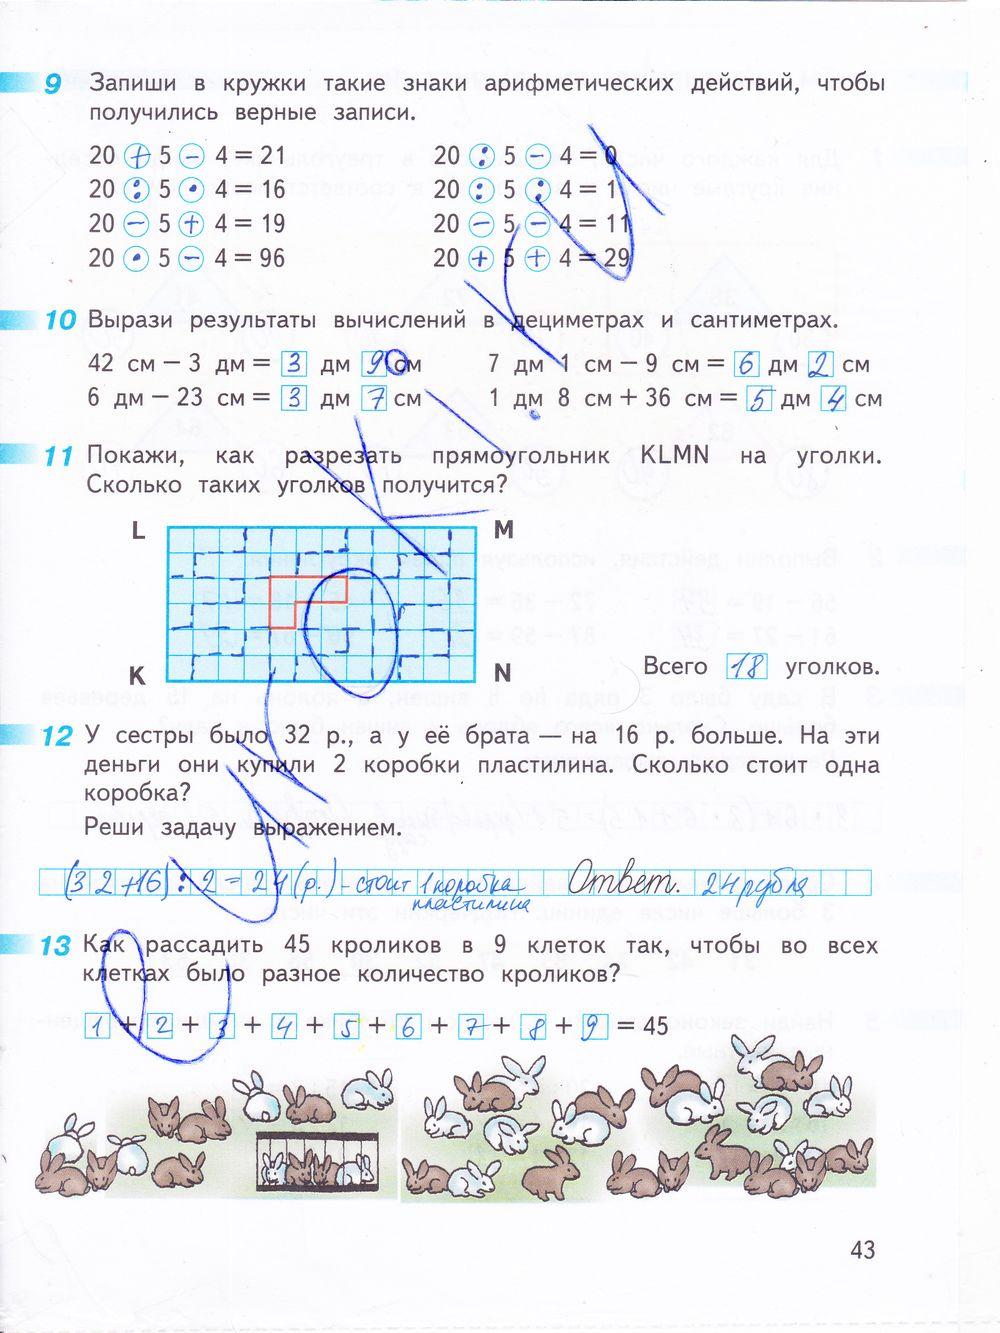 Английский-рабочий тетрадь ответ 6 класса наумова